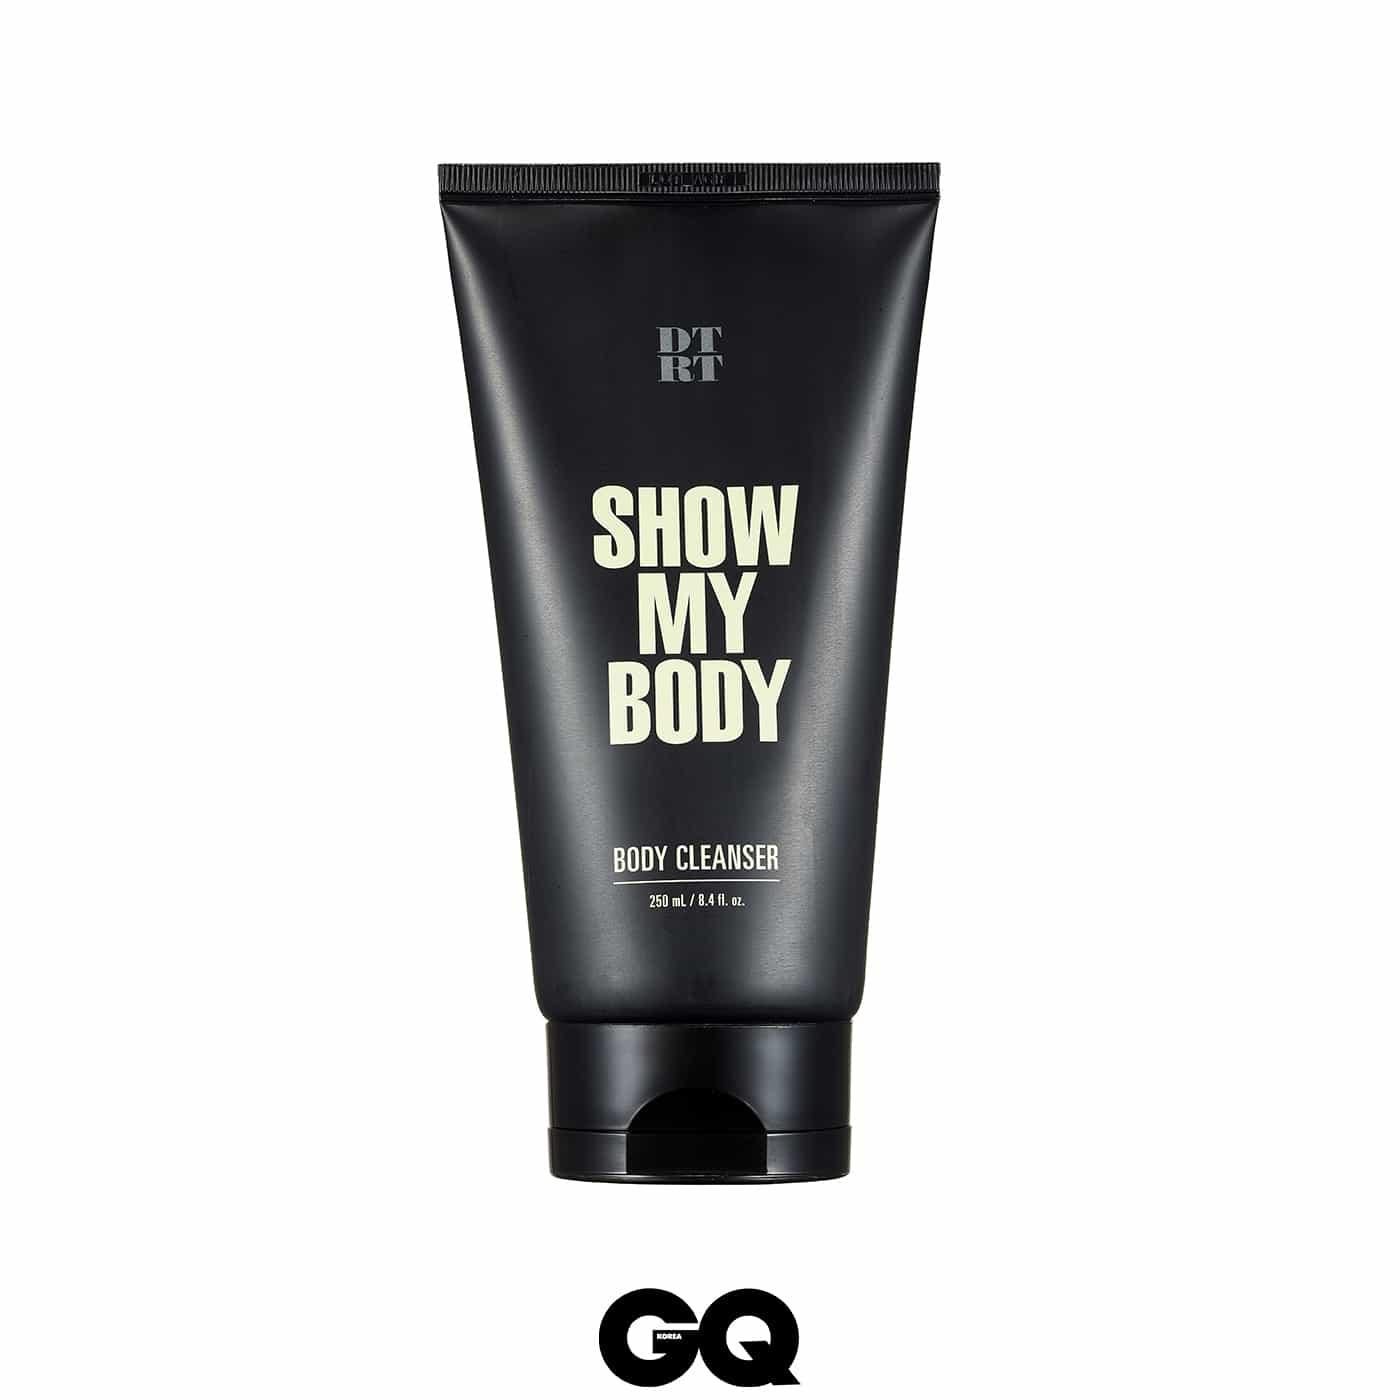 쇼 마이 바디(Show My Body), 용량 250mL, 2만2000원.